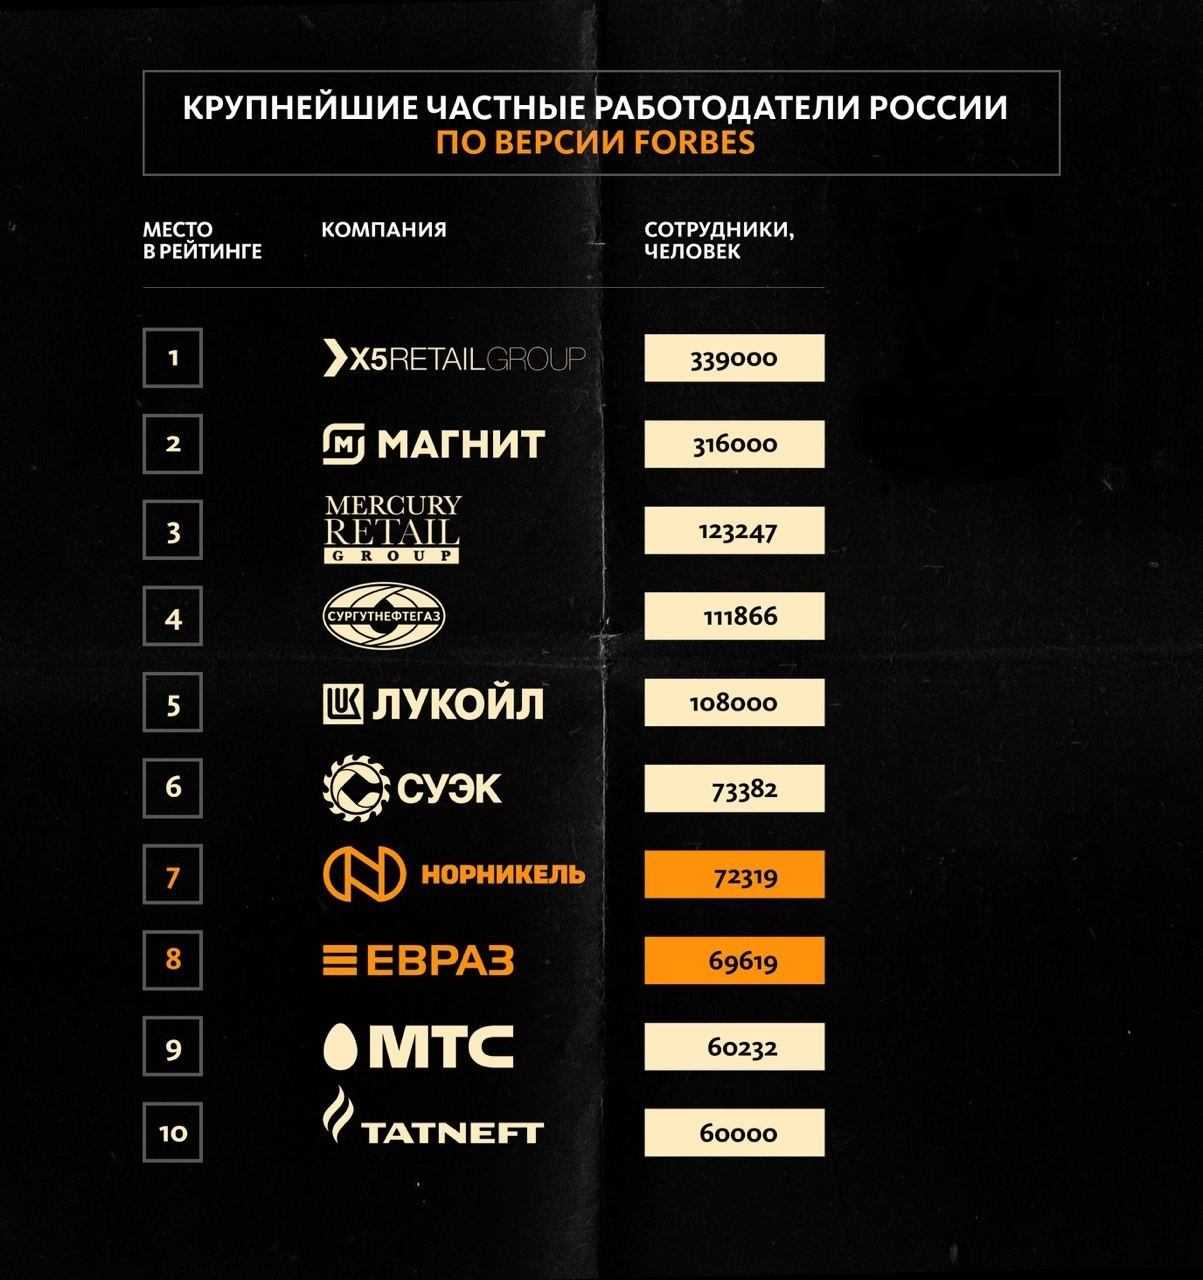 работодатели россии 2021 Forbes